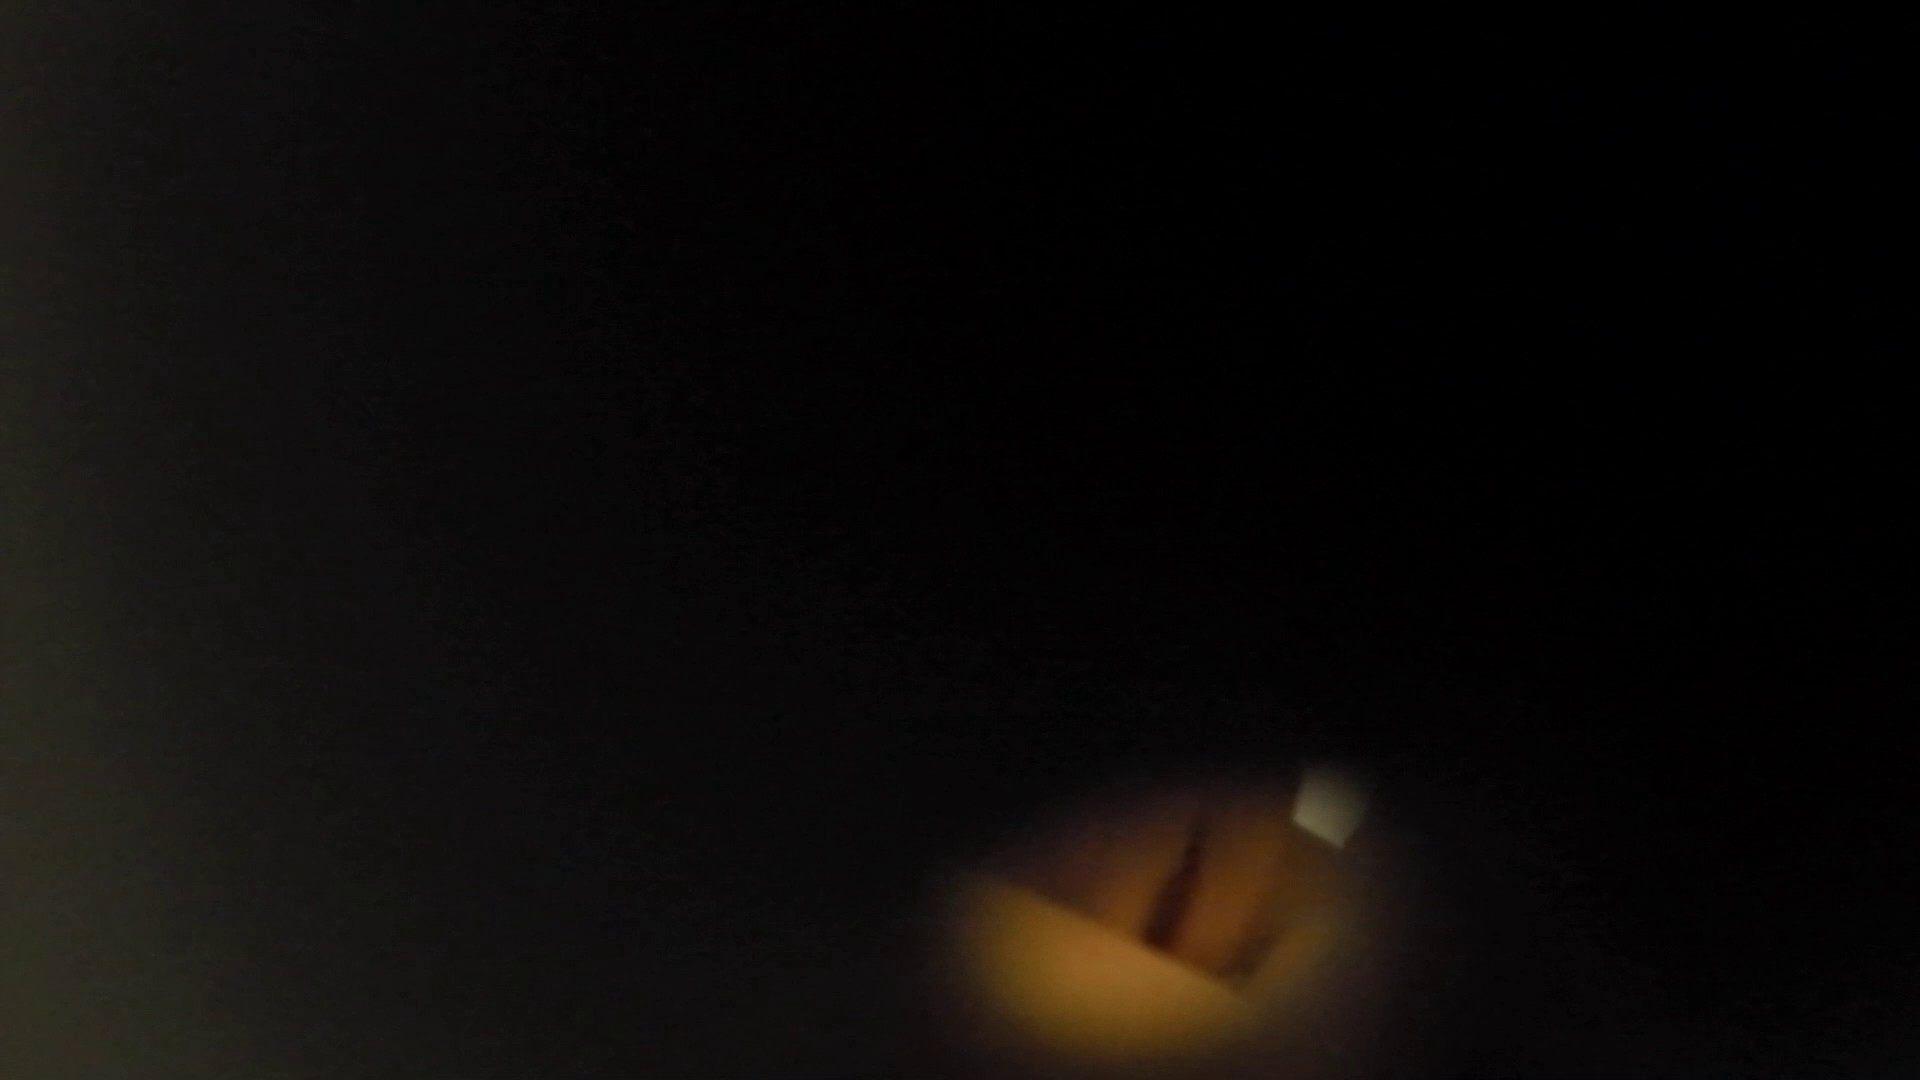 お市さんの「お尻丸出しジャンボリー」 無料お試し動画 美人の裸体 オメコ無修正動画無料 88枚 19